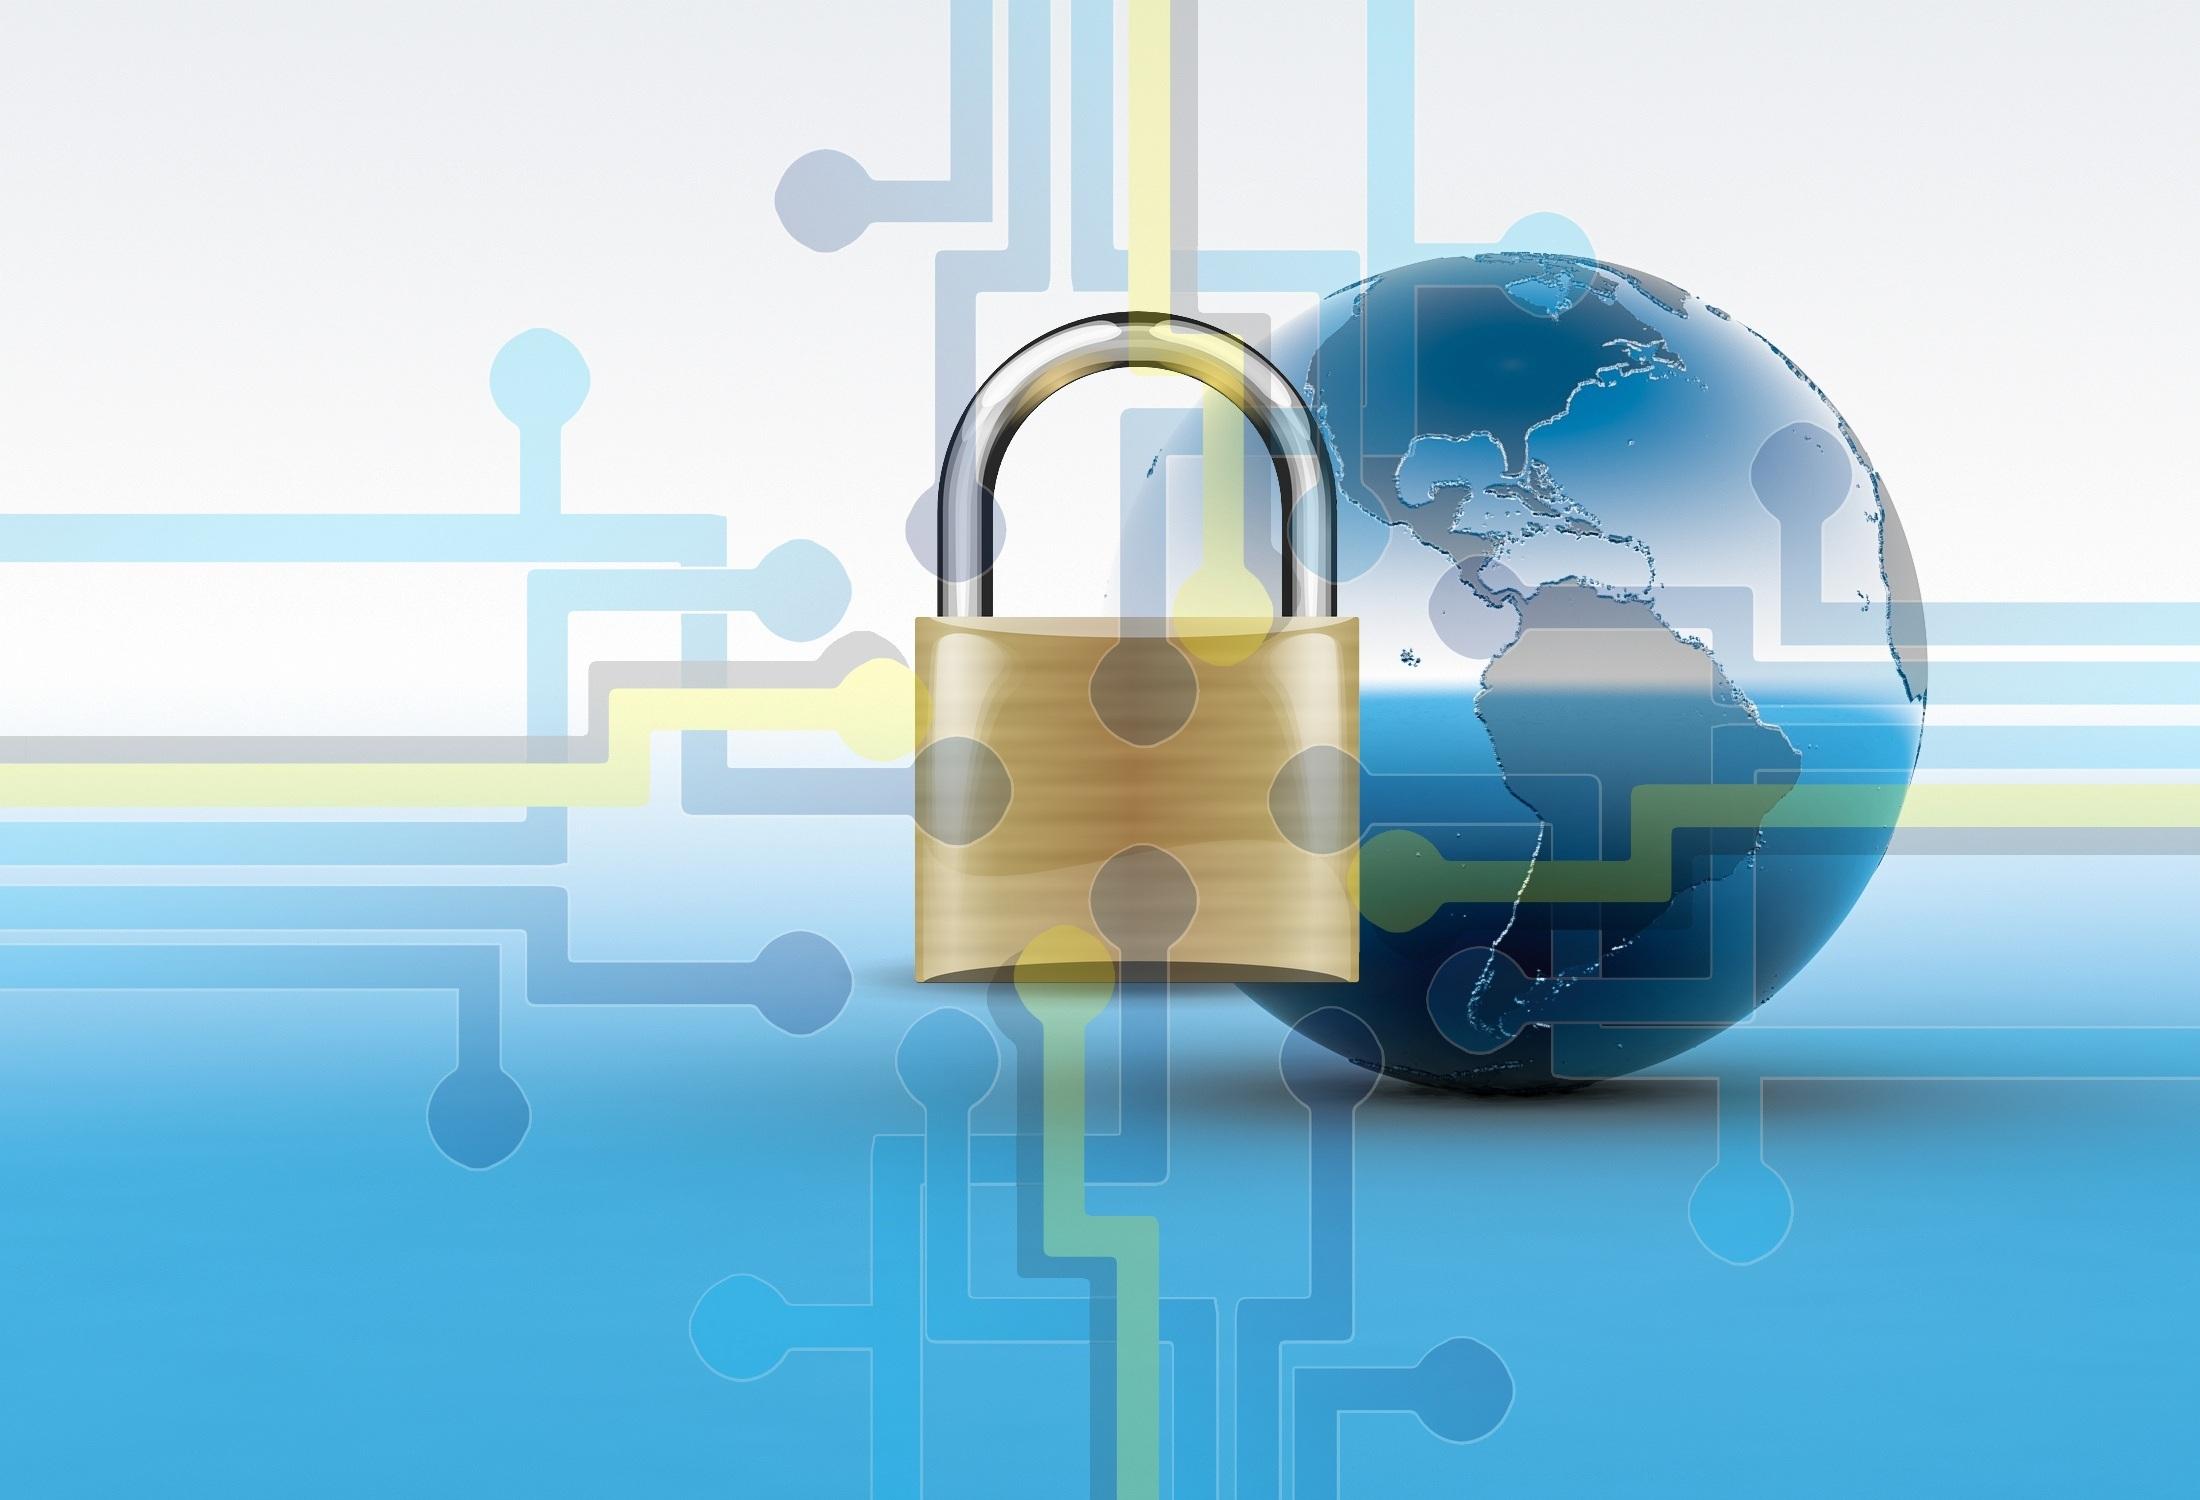 ติดตั้ง SSL Certificate ฟรีให้ QNAP NAS ใช้ myQNAPcloud แบบ